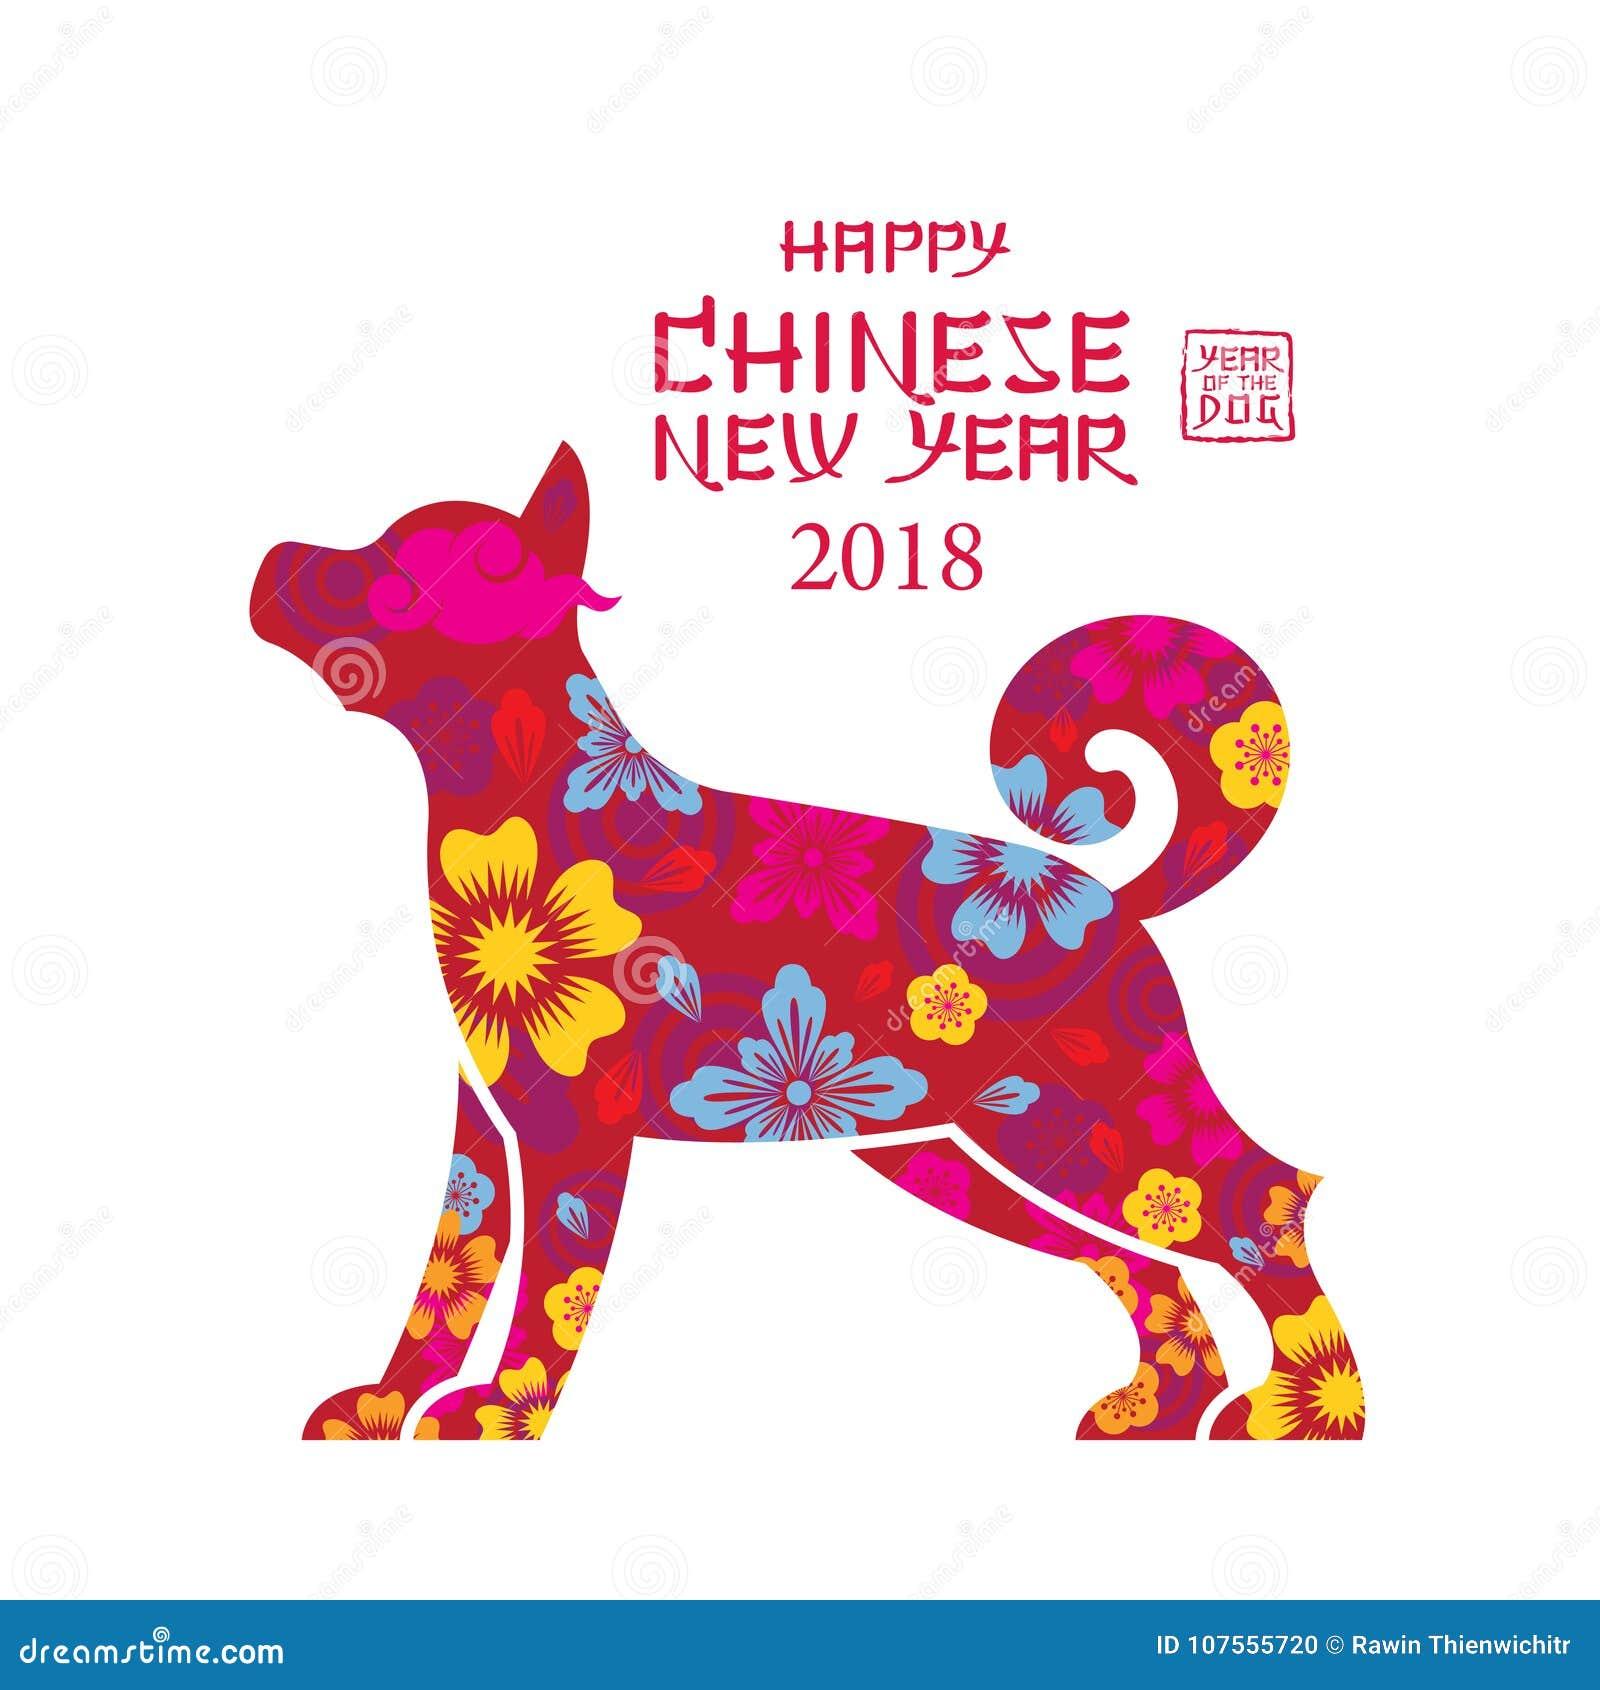 Dog Symbol, Shape, Decorate, Chinese New Year 2018